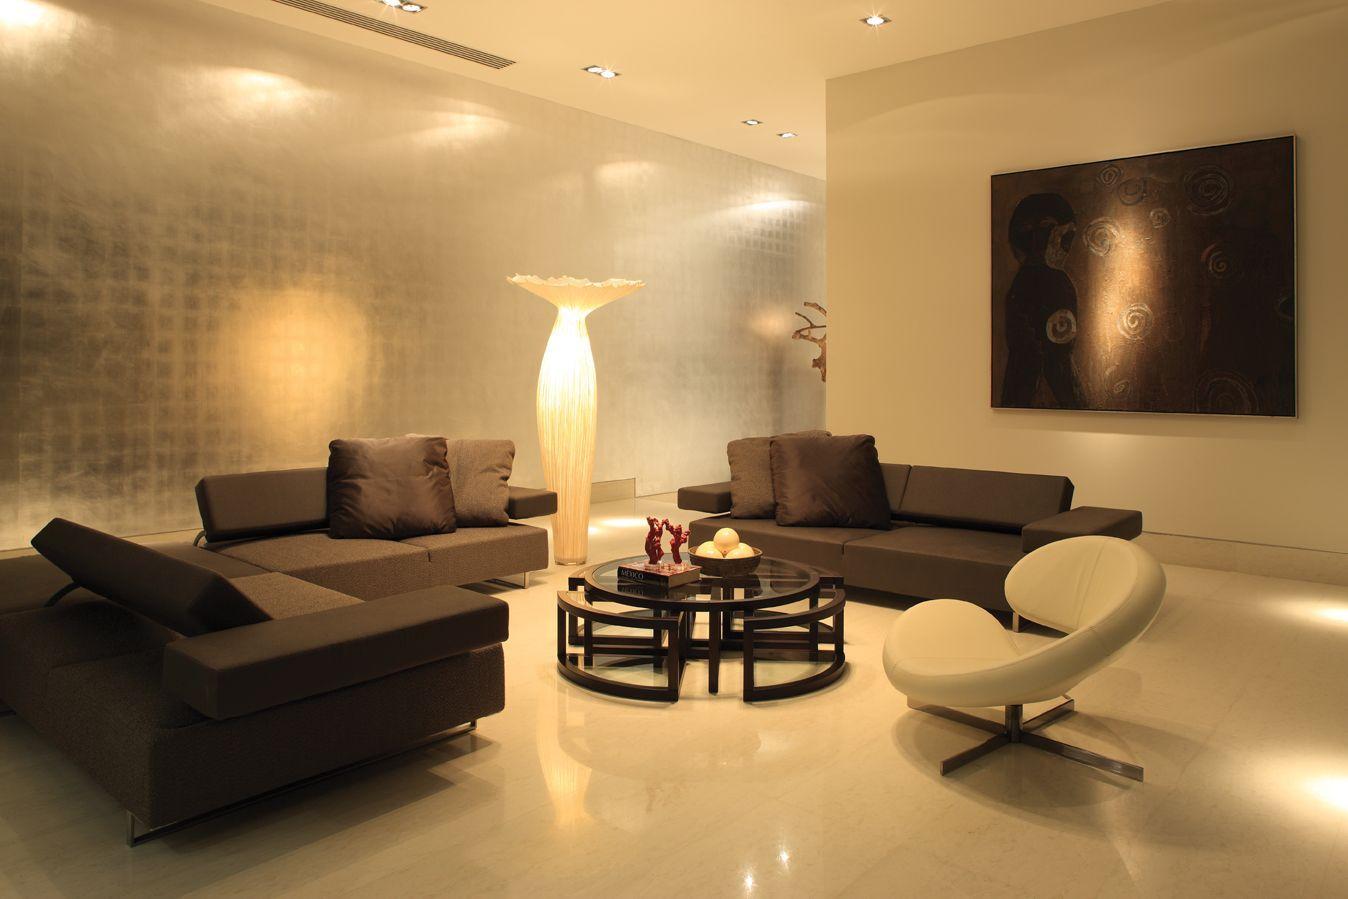 minimalistisch design schwarze weisse moebel idee lampion extravagant